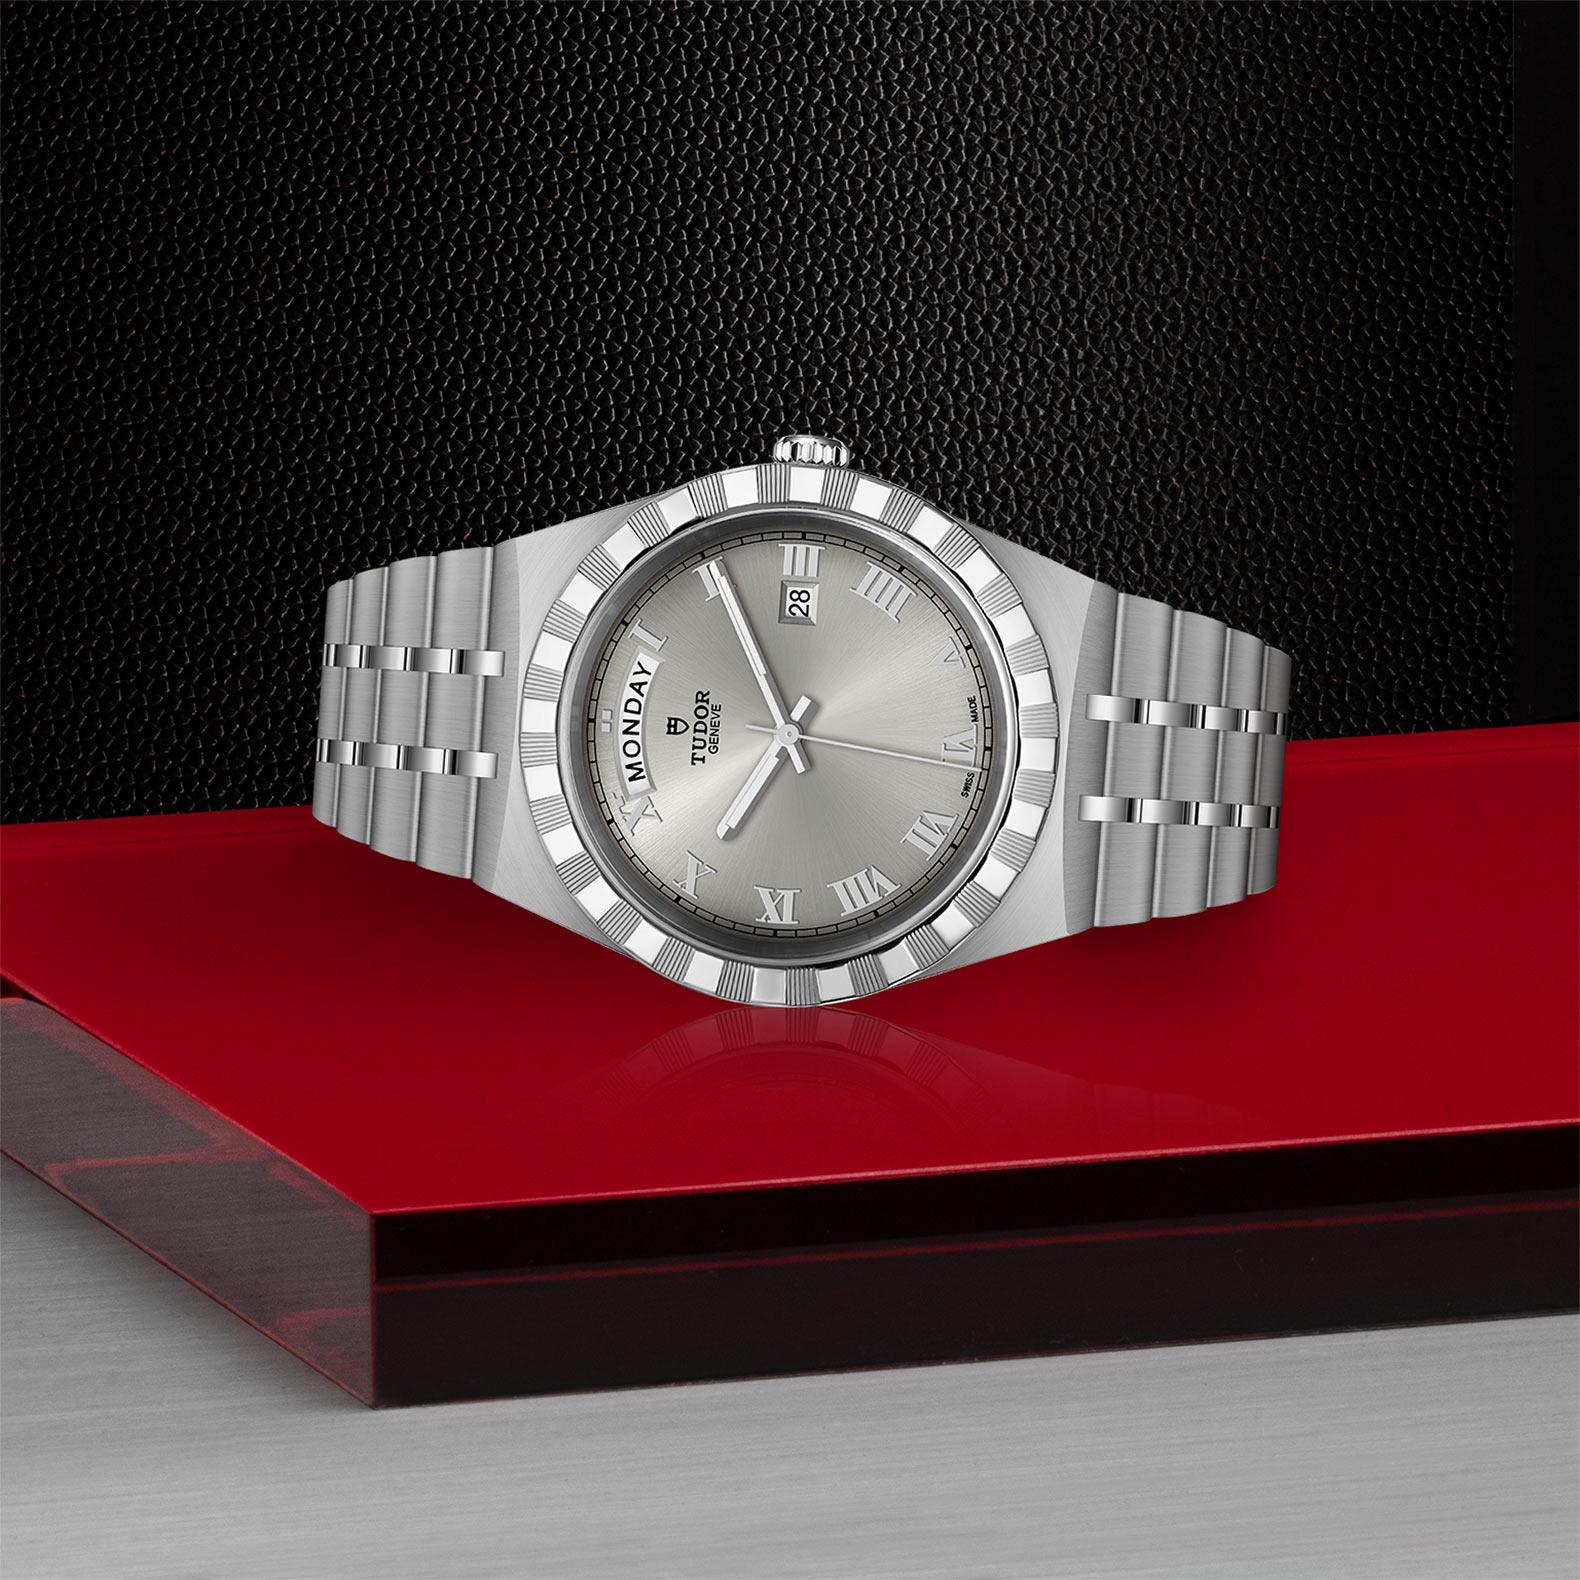 TUDOR Royal - M28600-0001